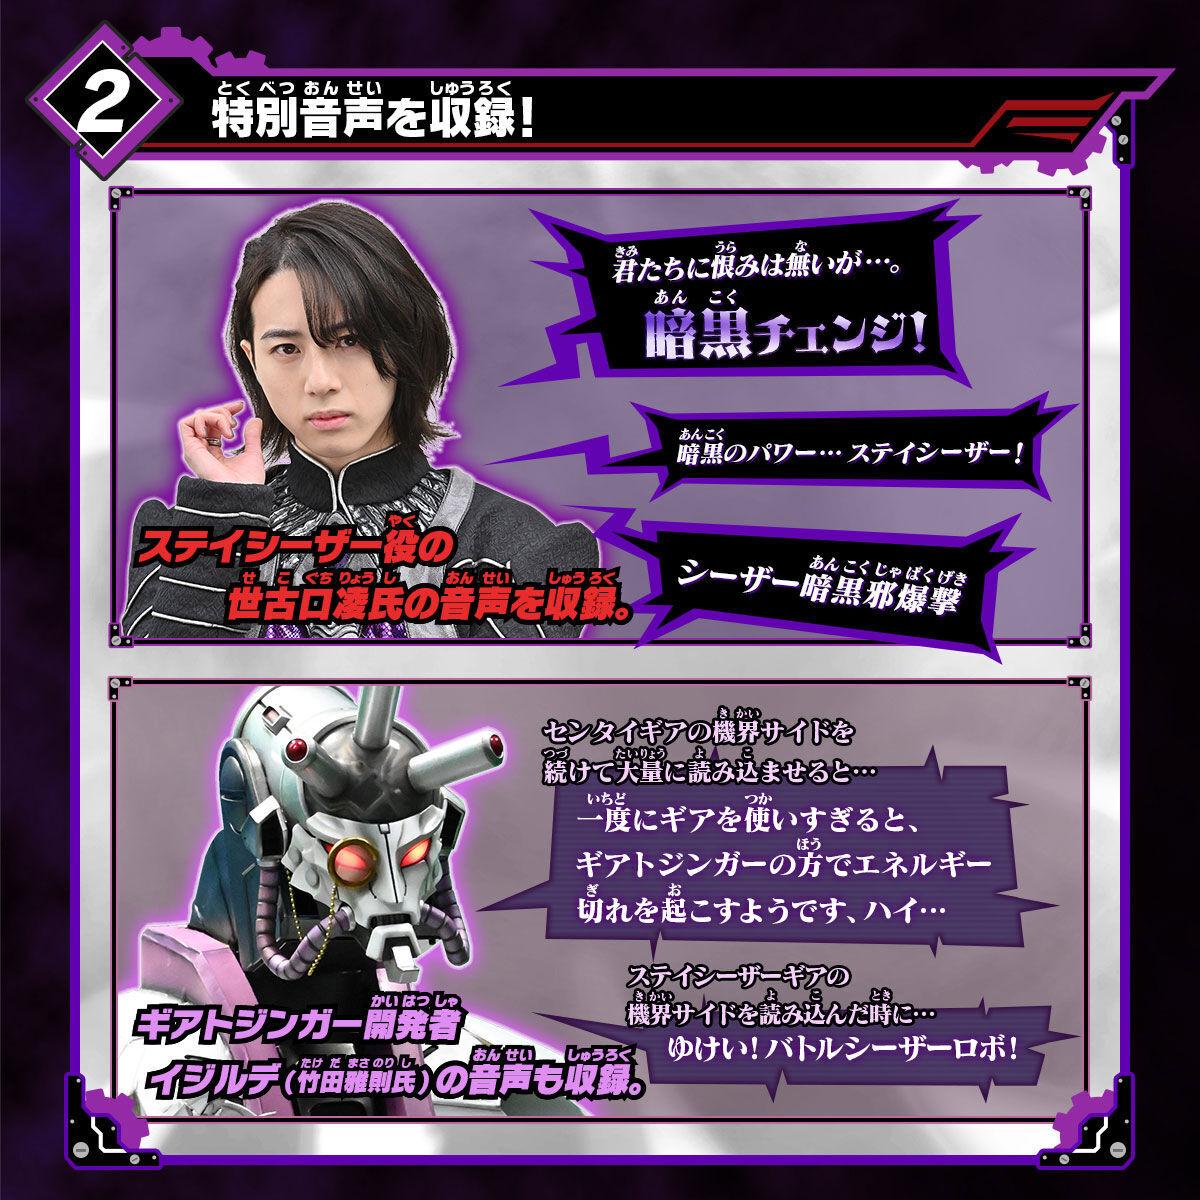 【限定販売】機界戦隊ゼンカイジャー『DXギアトジンガー』ステイシーザー 変身なりきり-004